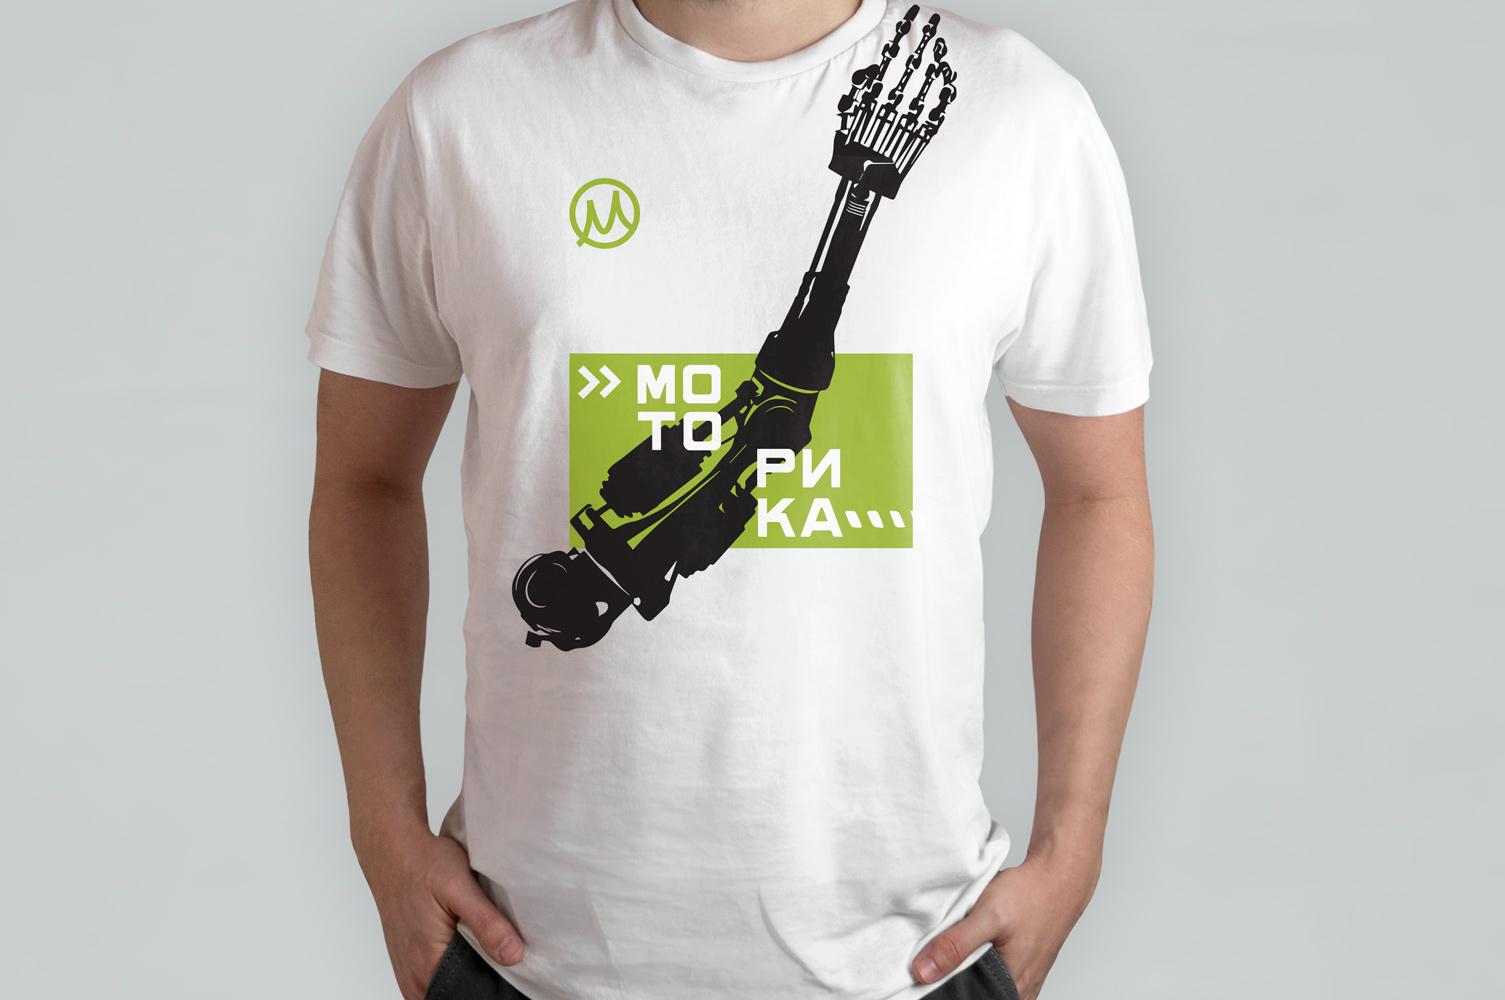 Нарисовать принты на футболки для компании Моторика фото f_938609c5d8e6a905.jpg